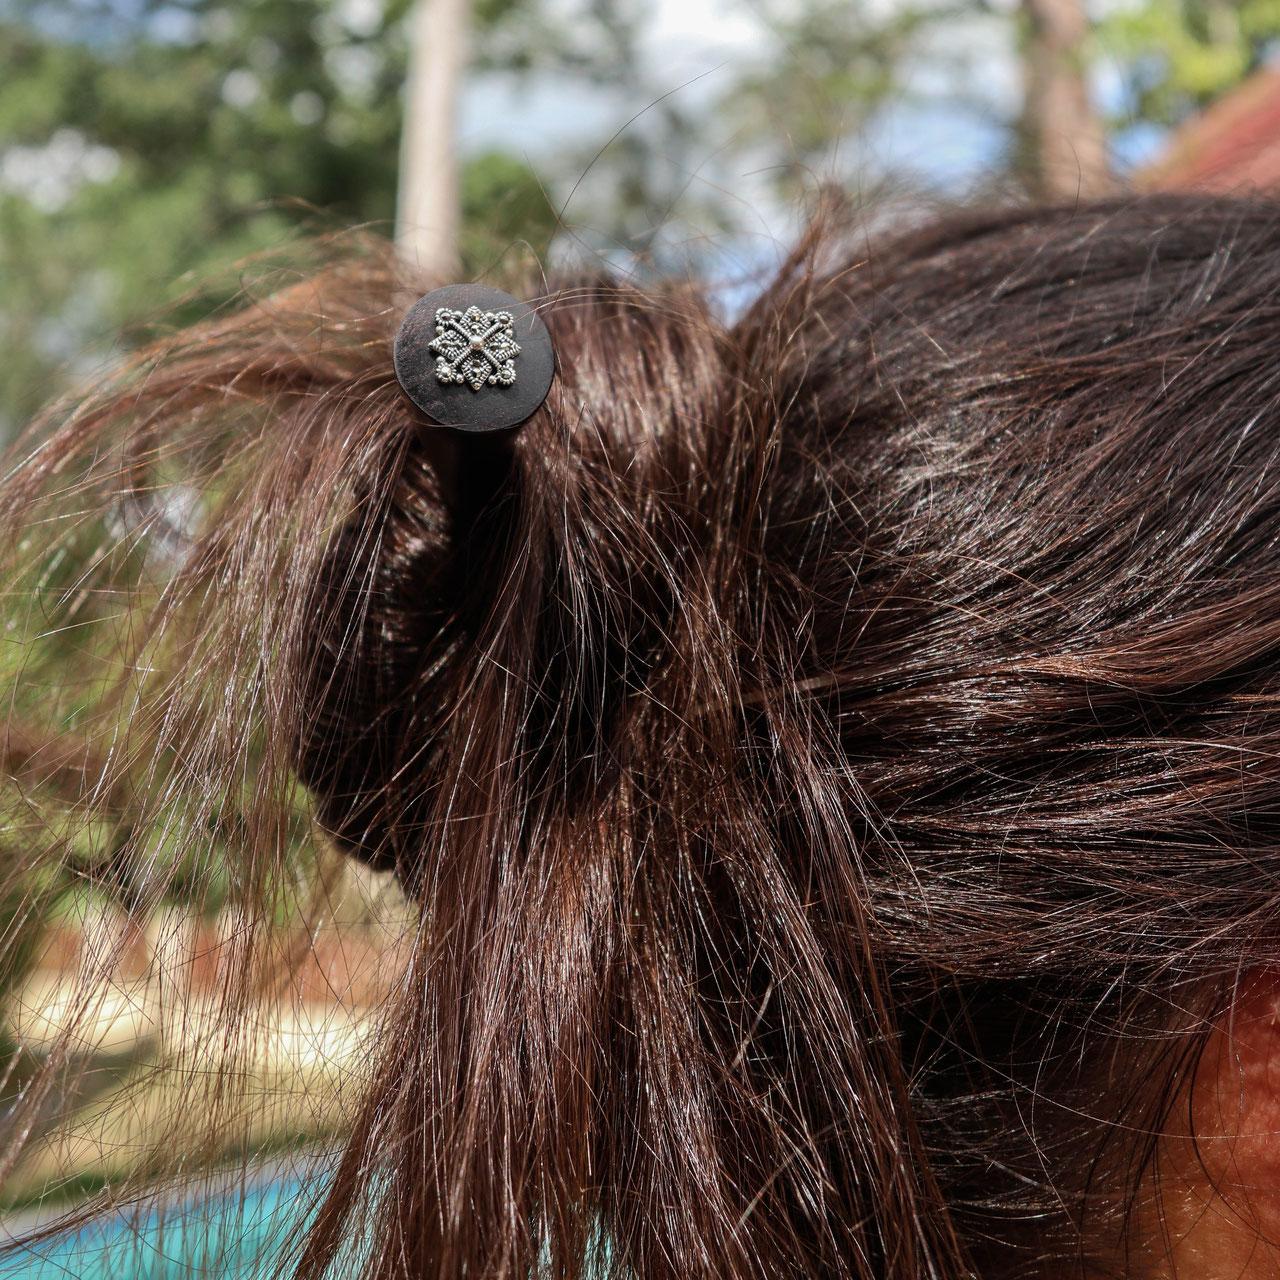 18 X einsteckkamm coiffure coquillage peignes magiques Bijoux de cheveux Nacre 1101